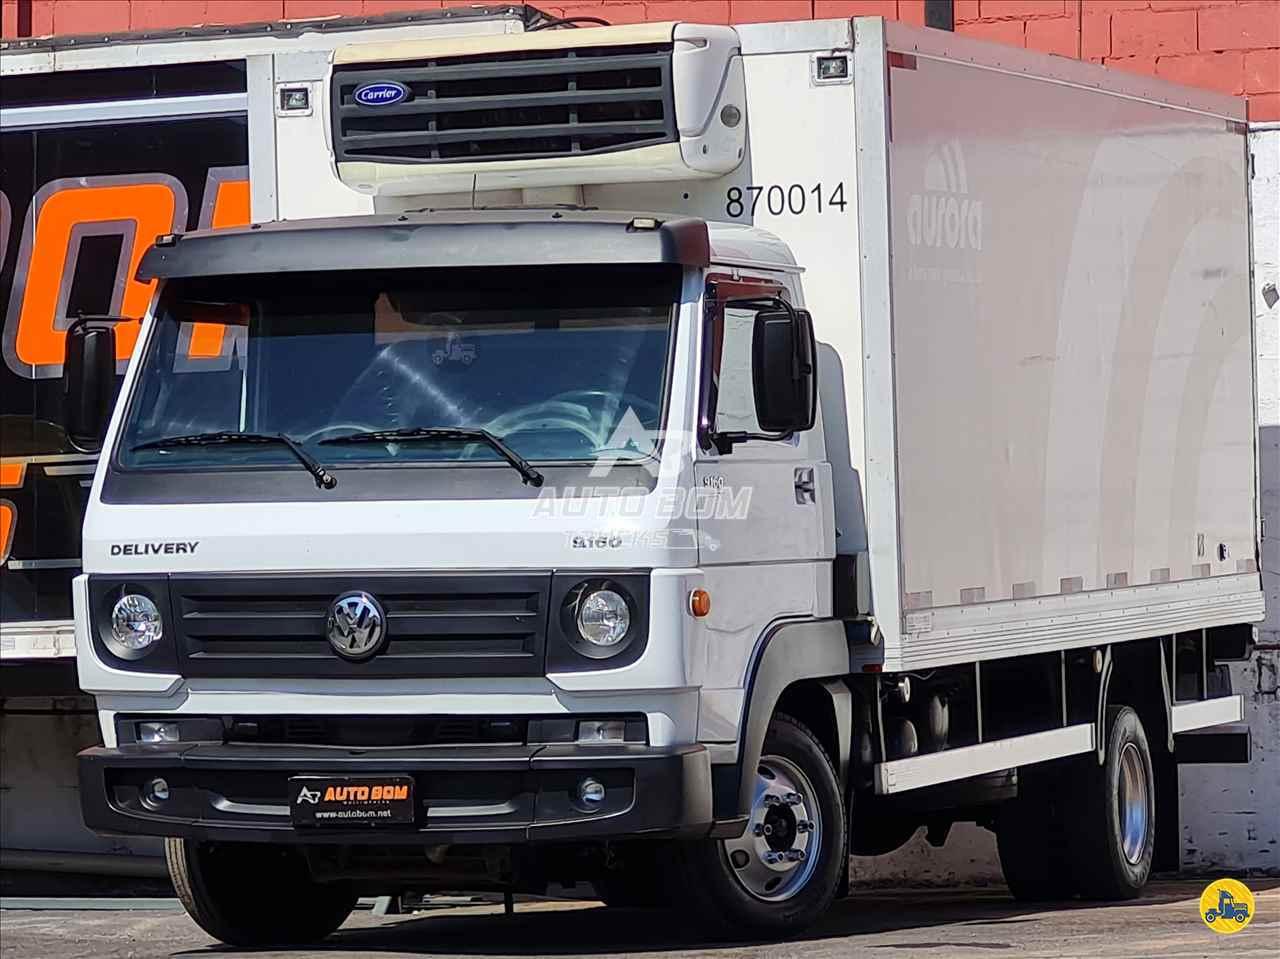 CAMINHAO VOLKSWAGEN VW 9160 Baú Frigorífico 3/4 4x2 Autobom Trucks CONTAGEM MINAS GERAIS MG